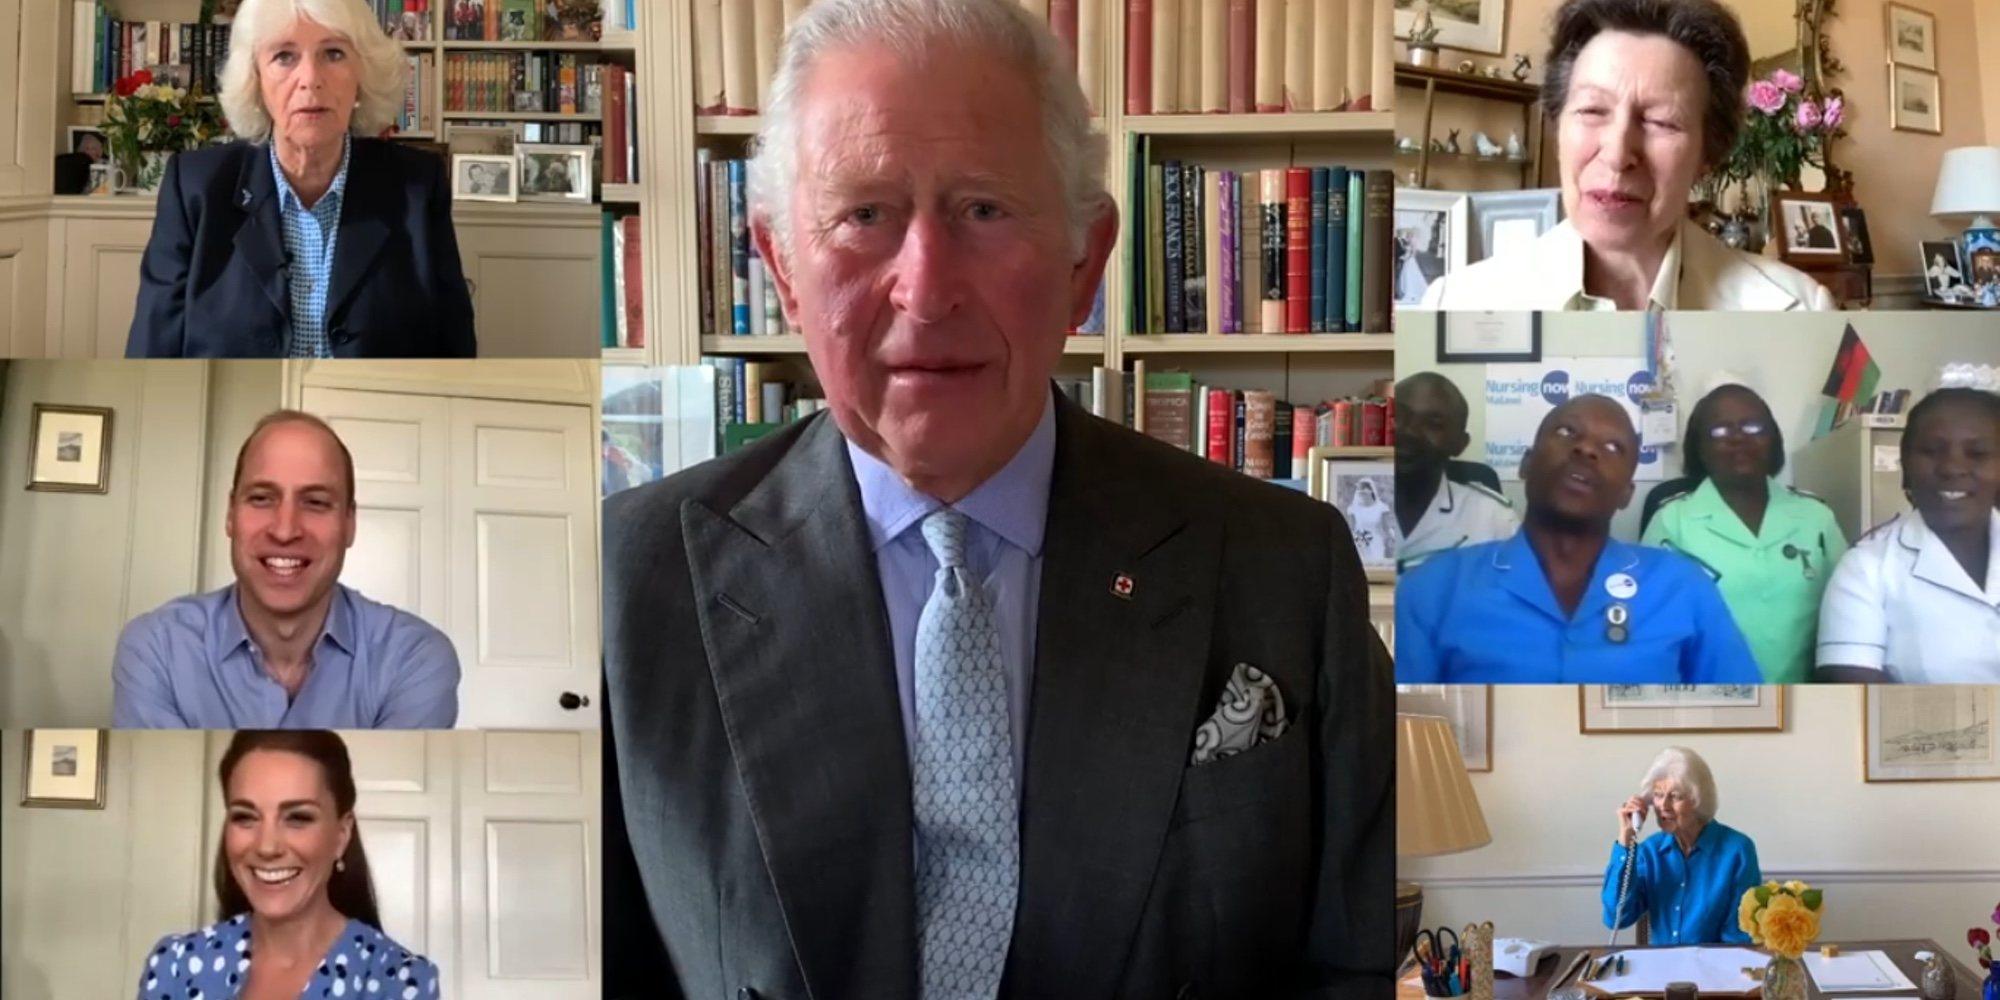 La videollamada de la Familia Real Británica para agradecer su labor a los sanitarios en la lucha contra el coronavirus